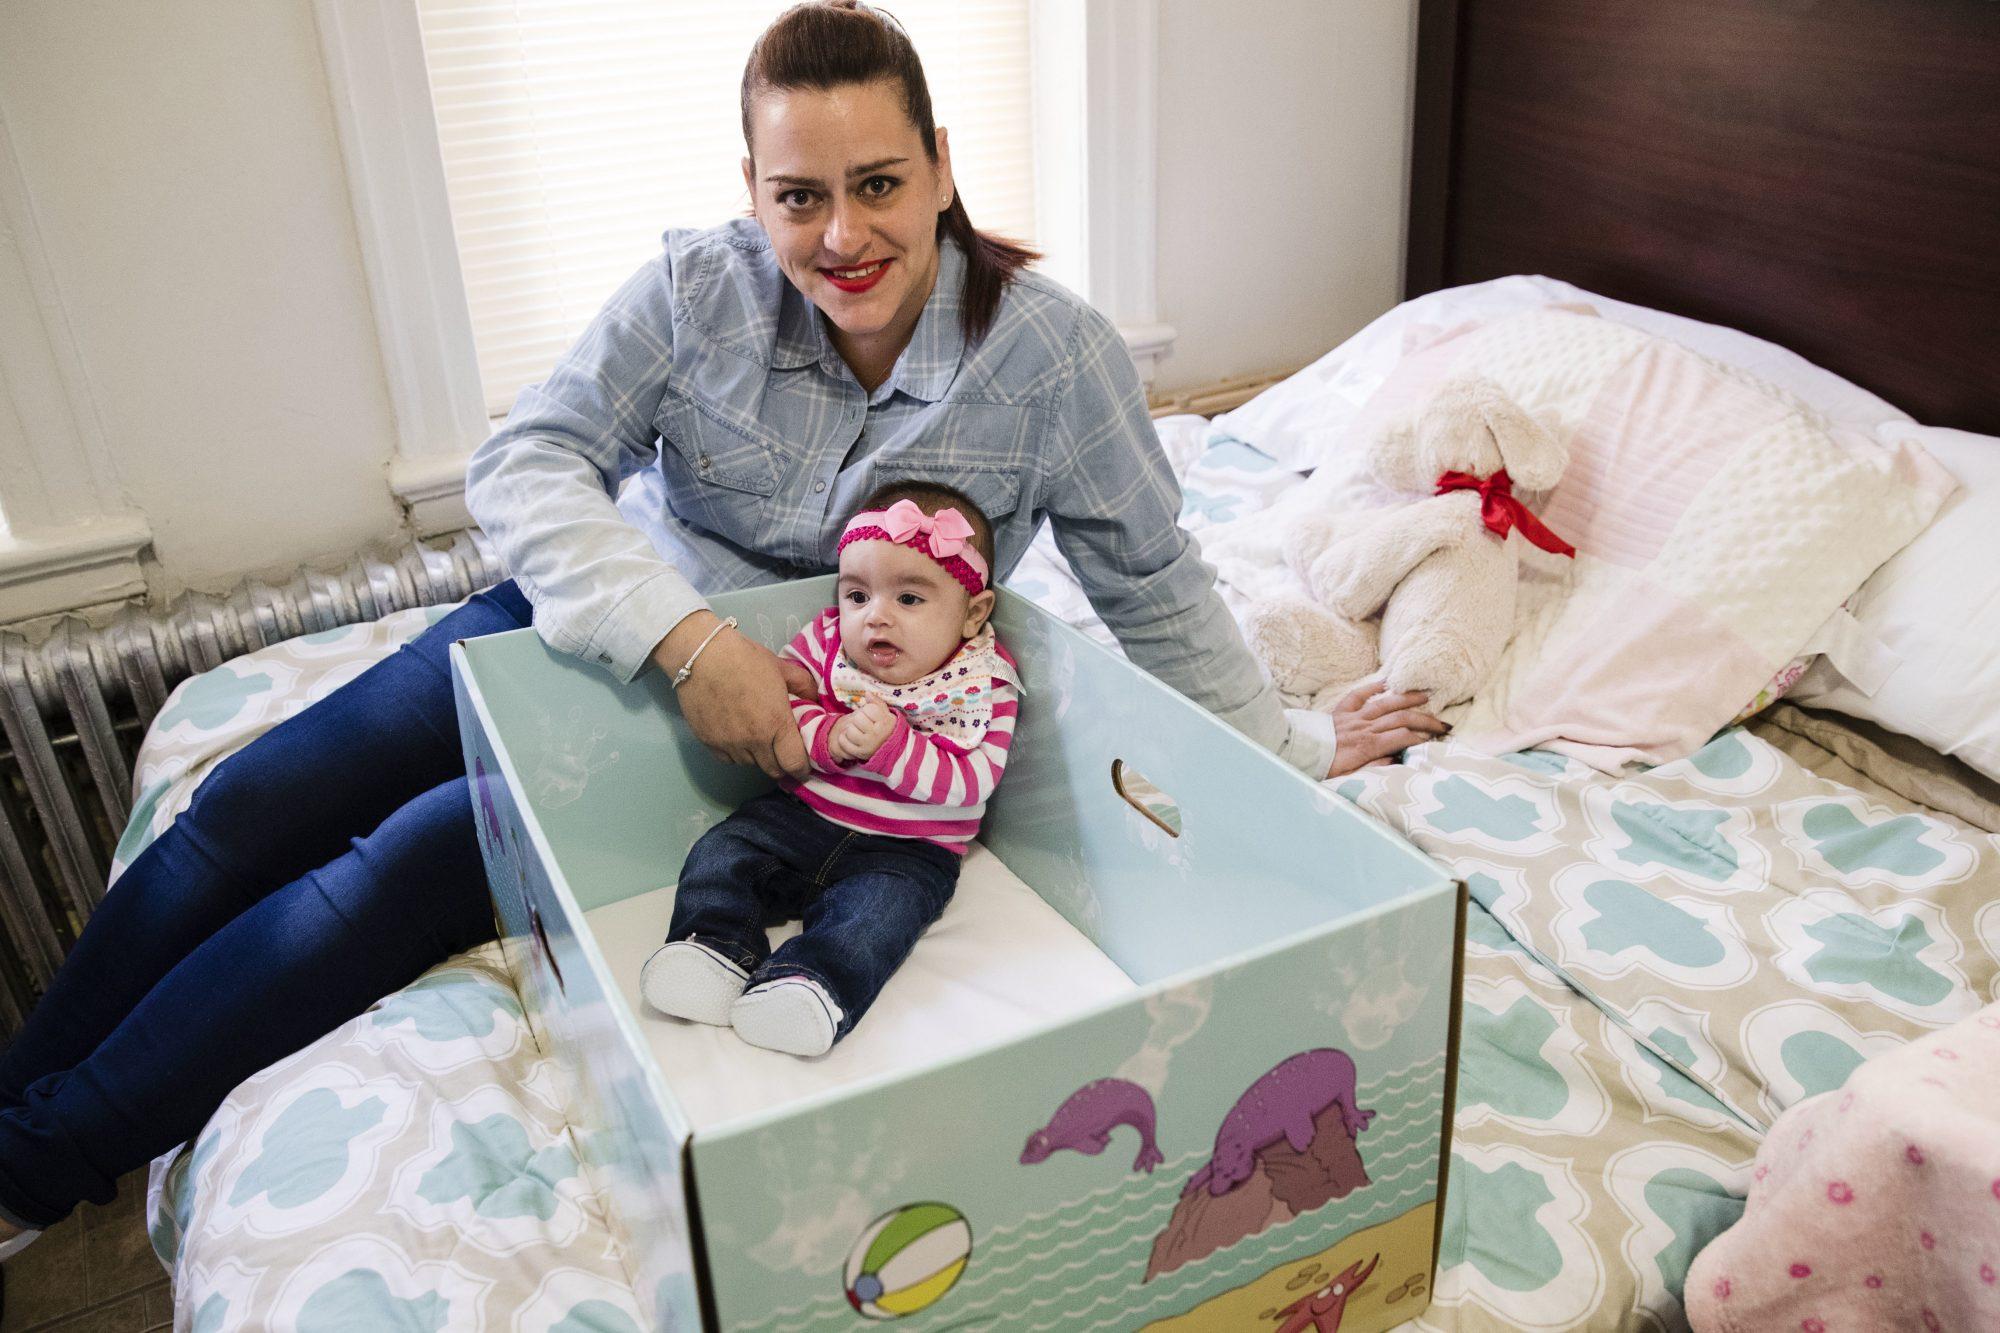 Dolores Peterson y su hija Arabella usando The Baby Box